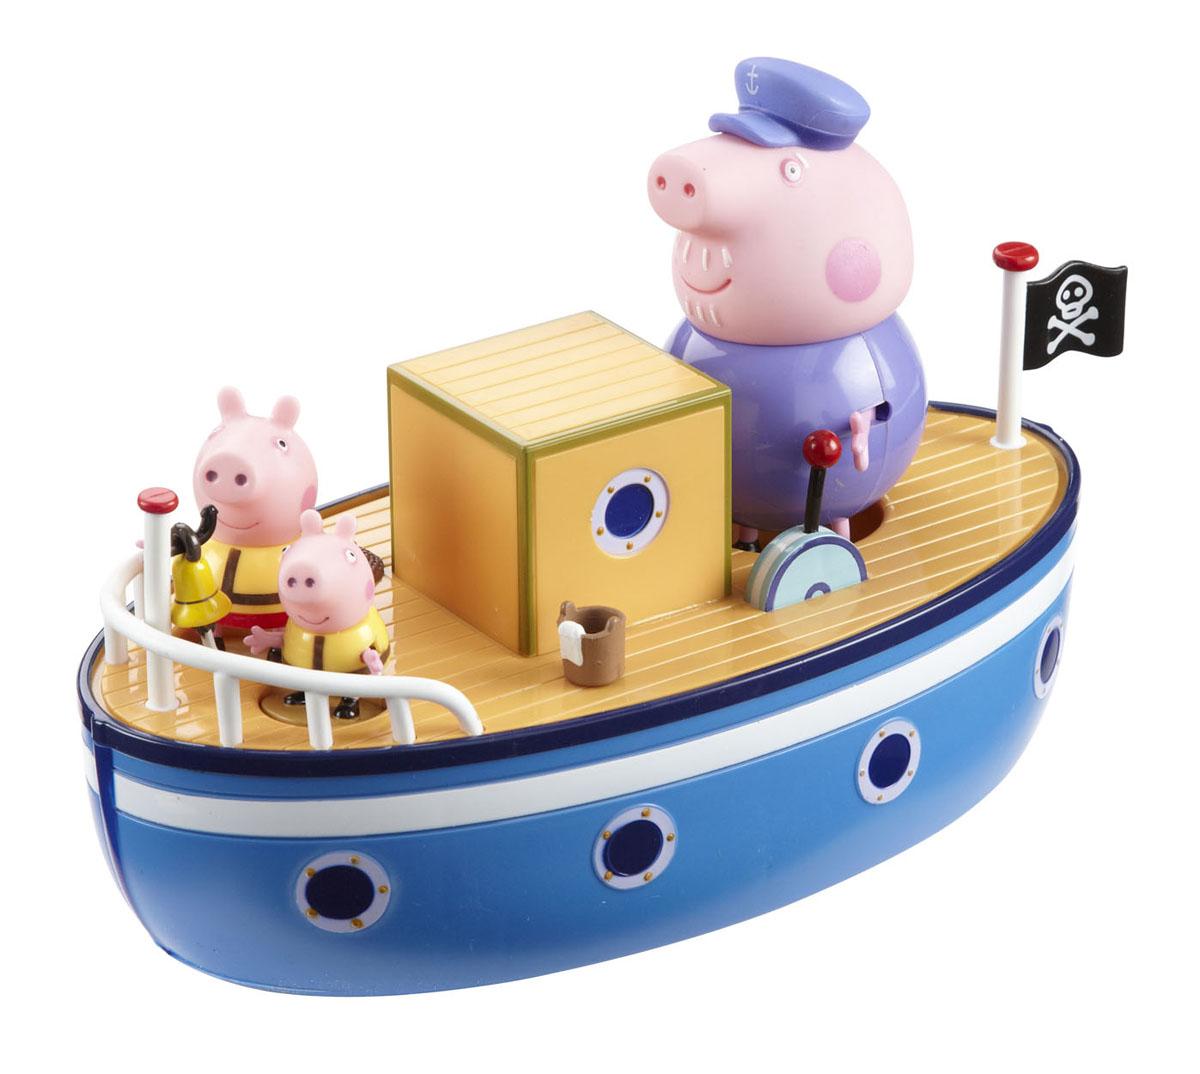 Игровой набор Peppa Pig Морское приключение15558Мультфильм «Свинка Пеппа» настолько обожаем малышами, что они ждут каждую его серию с огромным нетерпением. А с игровым набором Peppa Pig Морское приключение они могут не только наблюдать за приключениями веселой свинки, но и поучаствовать в них! Теперь Пеппа со своим братиком и дедушкой отправляются в плавание на борту пиратского корабля, на котором есть капитанская рубка, ведерко с тряпкой, чтобы драить палубу, рында, крюк с лебедкой, иллюминаторы и, конечно, пиратский флаг. Свинки не прикреплены к кораблику, поэтому они могут сходить на берег, приглашать в плавание других членов своей семьи и друзей. Судно надежно держится на волнах, поэтому может совершать путешествия в водах реки, бассейна или ванной. Путешествие обещает быть захватывающим и незабываемым! Набор содержит корабль, который держится на воде и три фигурки с подвижными ручками и ножками (Пеппа, Джордж и дедушка). Во время такой сюжетно-ролевой игры у ребенка отрабатываются навыки общения,...